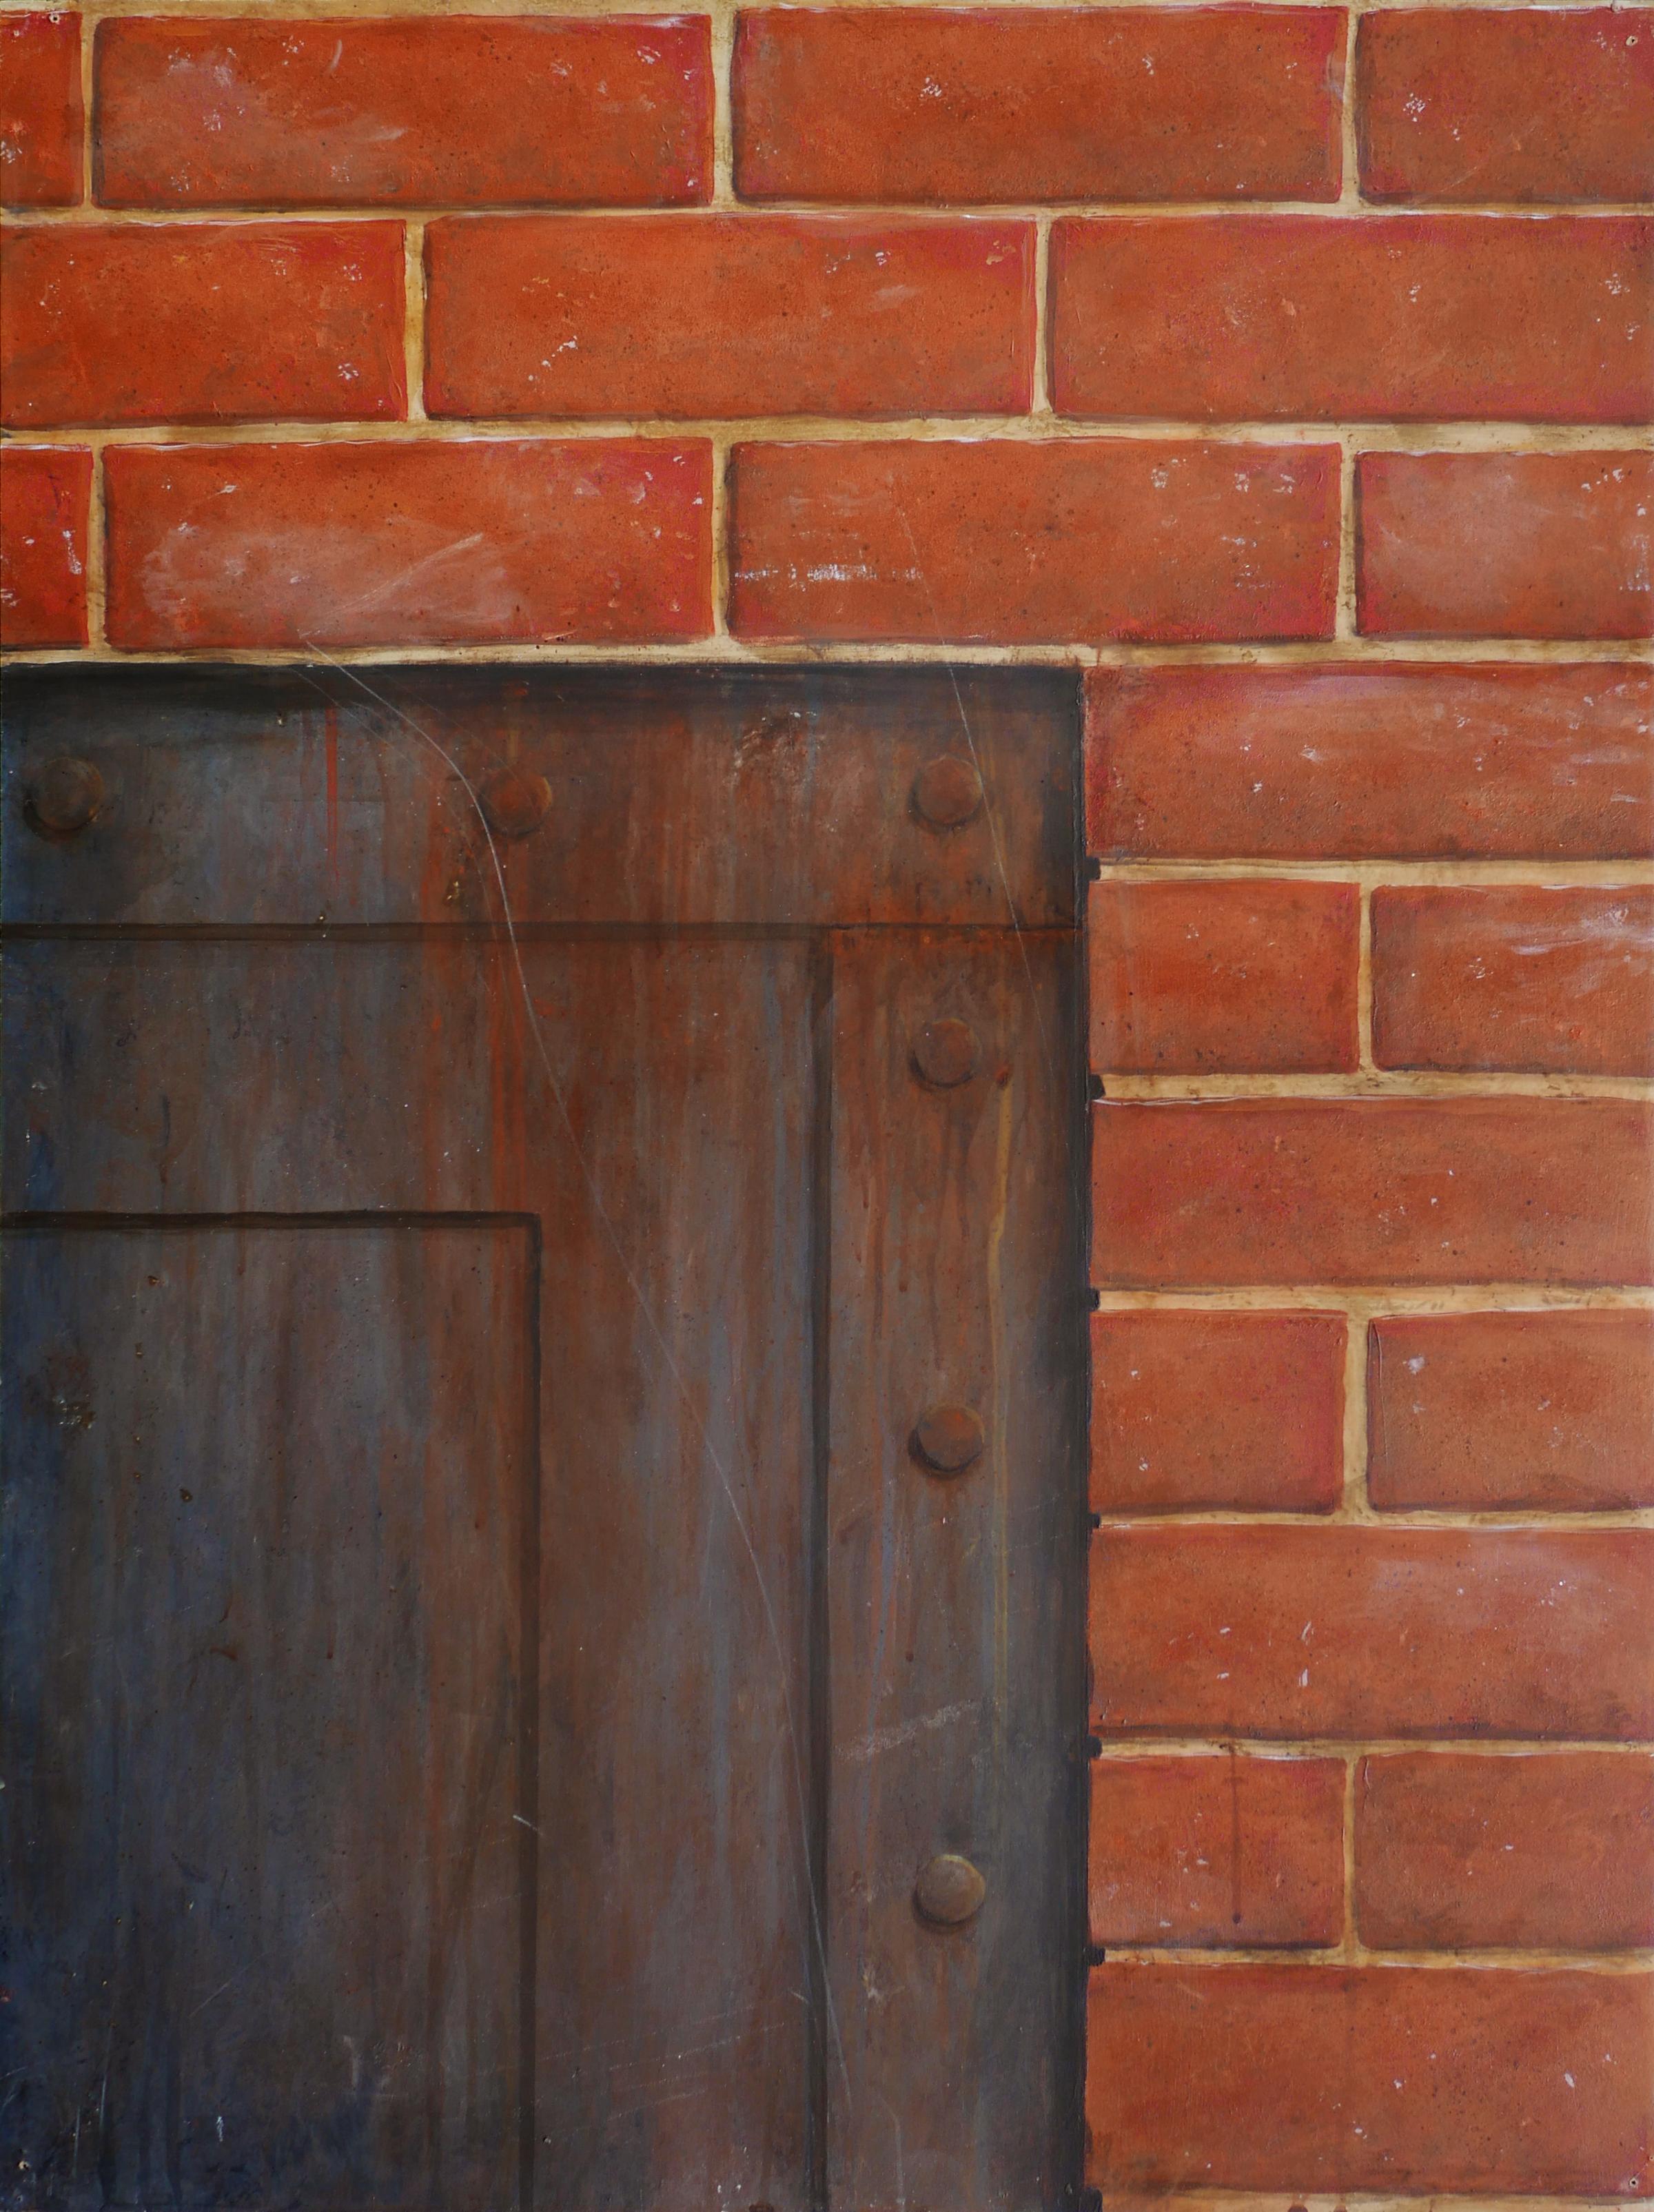 Décor imitation brique et rouille, effet de matière. Assilem décors, peintre décorateur, peintre en décor à Bordeaux